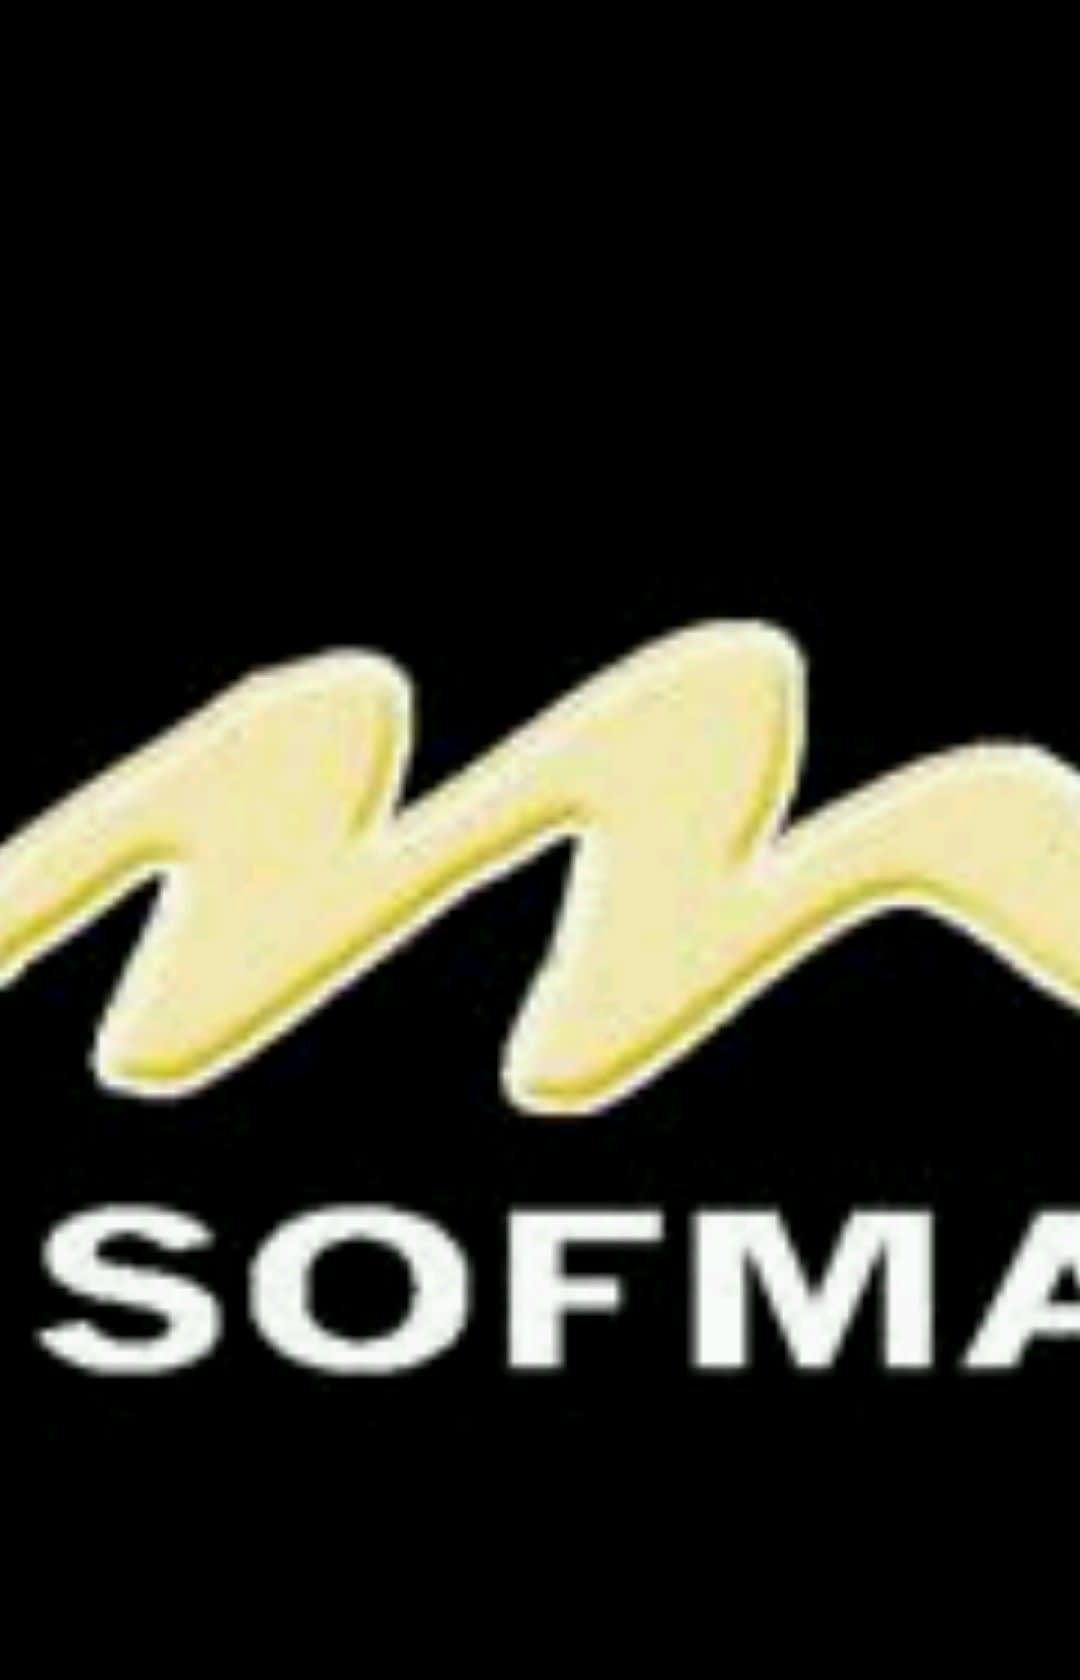 Sofma